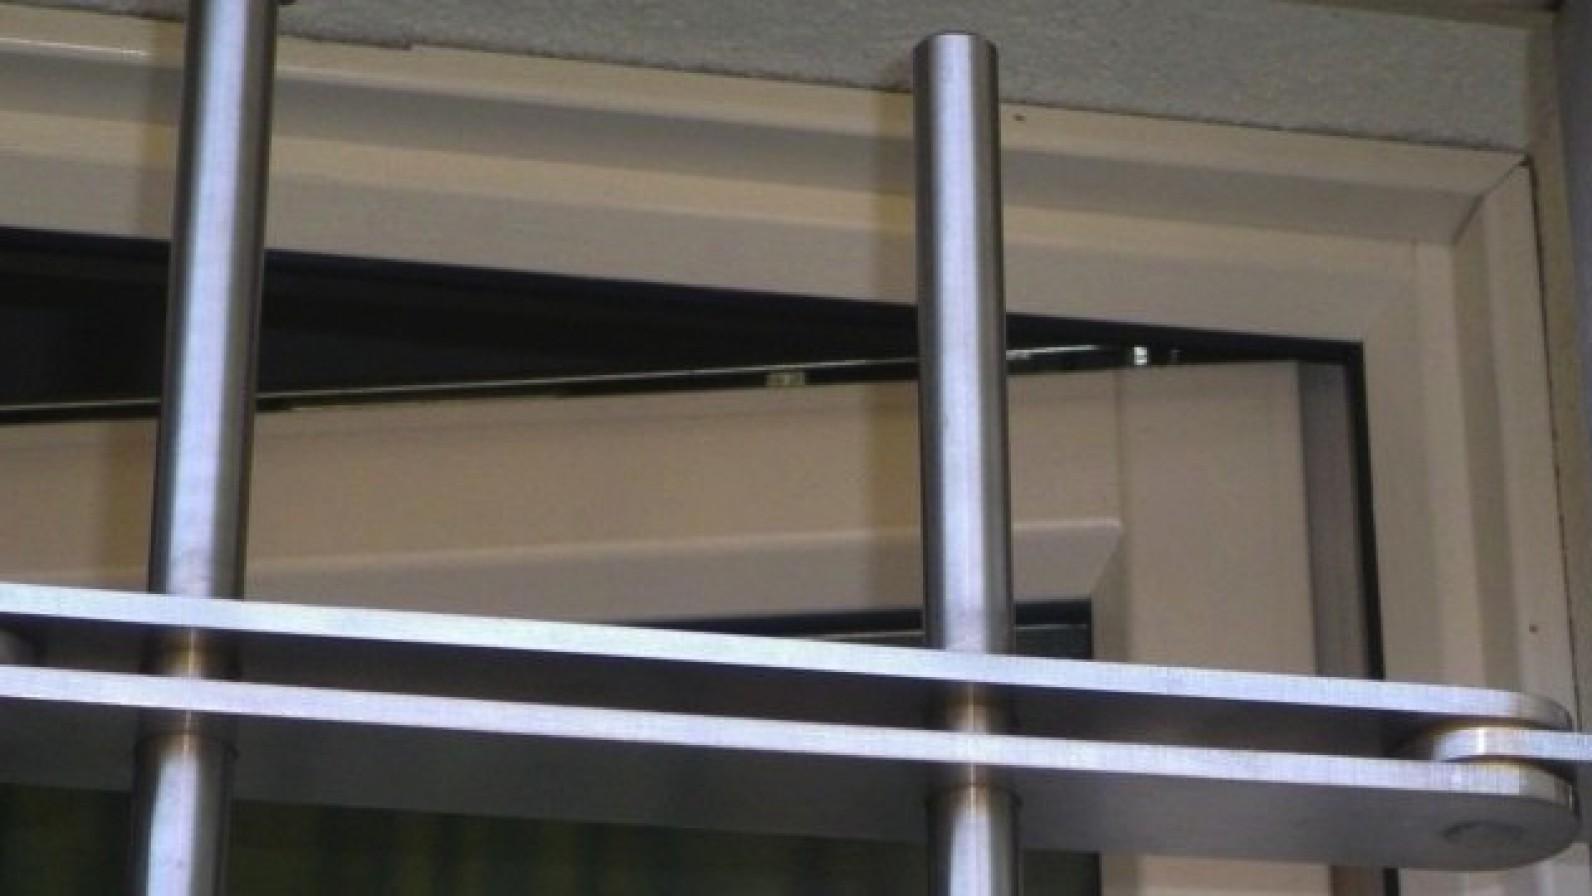 Grate in acciaio inferriate grate di sicurezza per - Inferriate per finestre milano ...